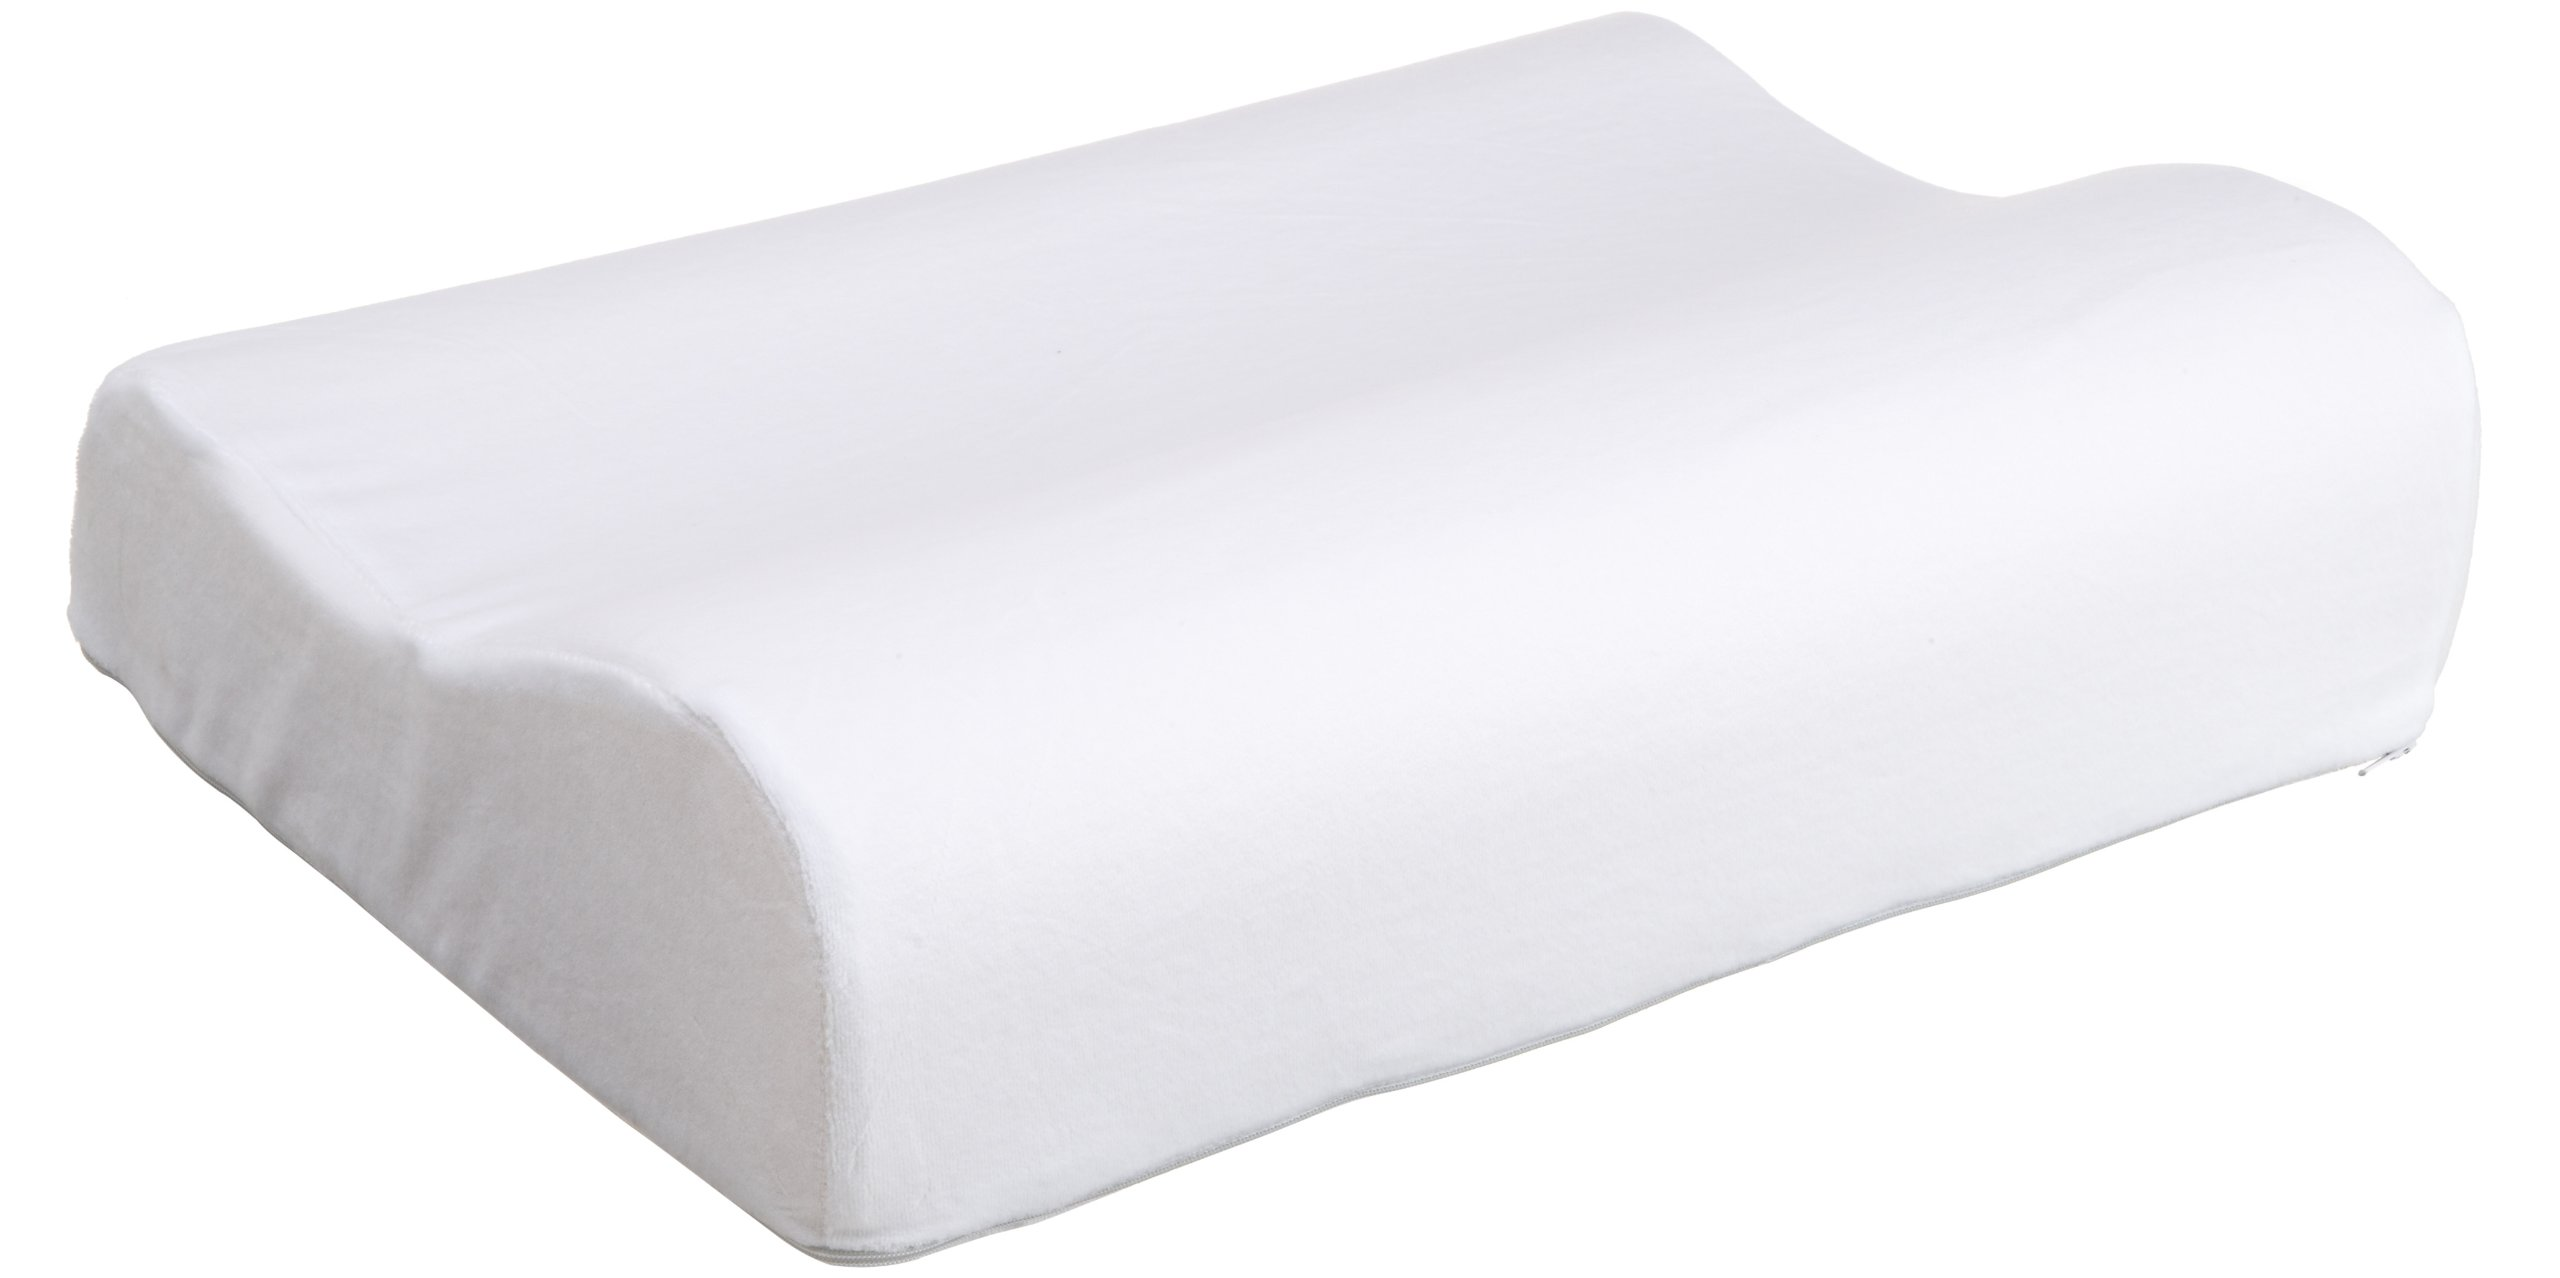 Memory Foam Contour Bed Pillow